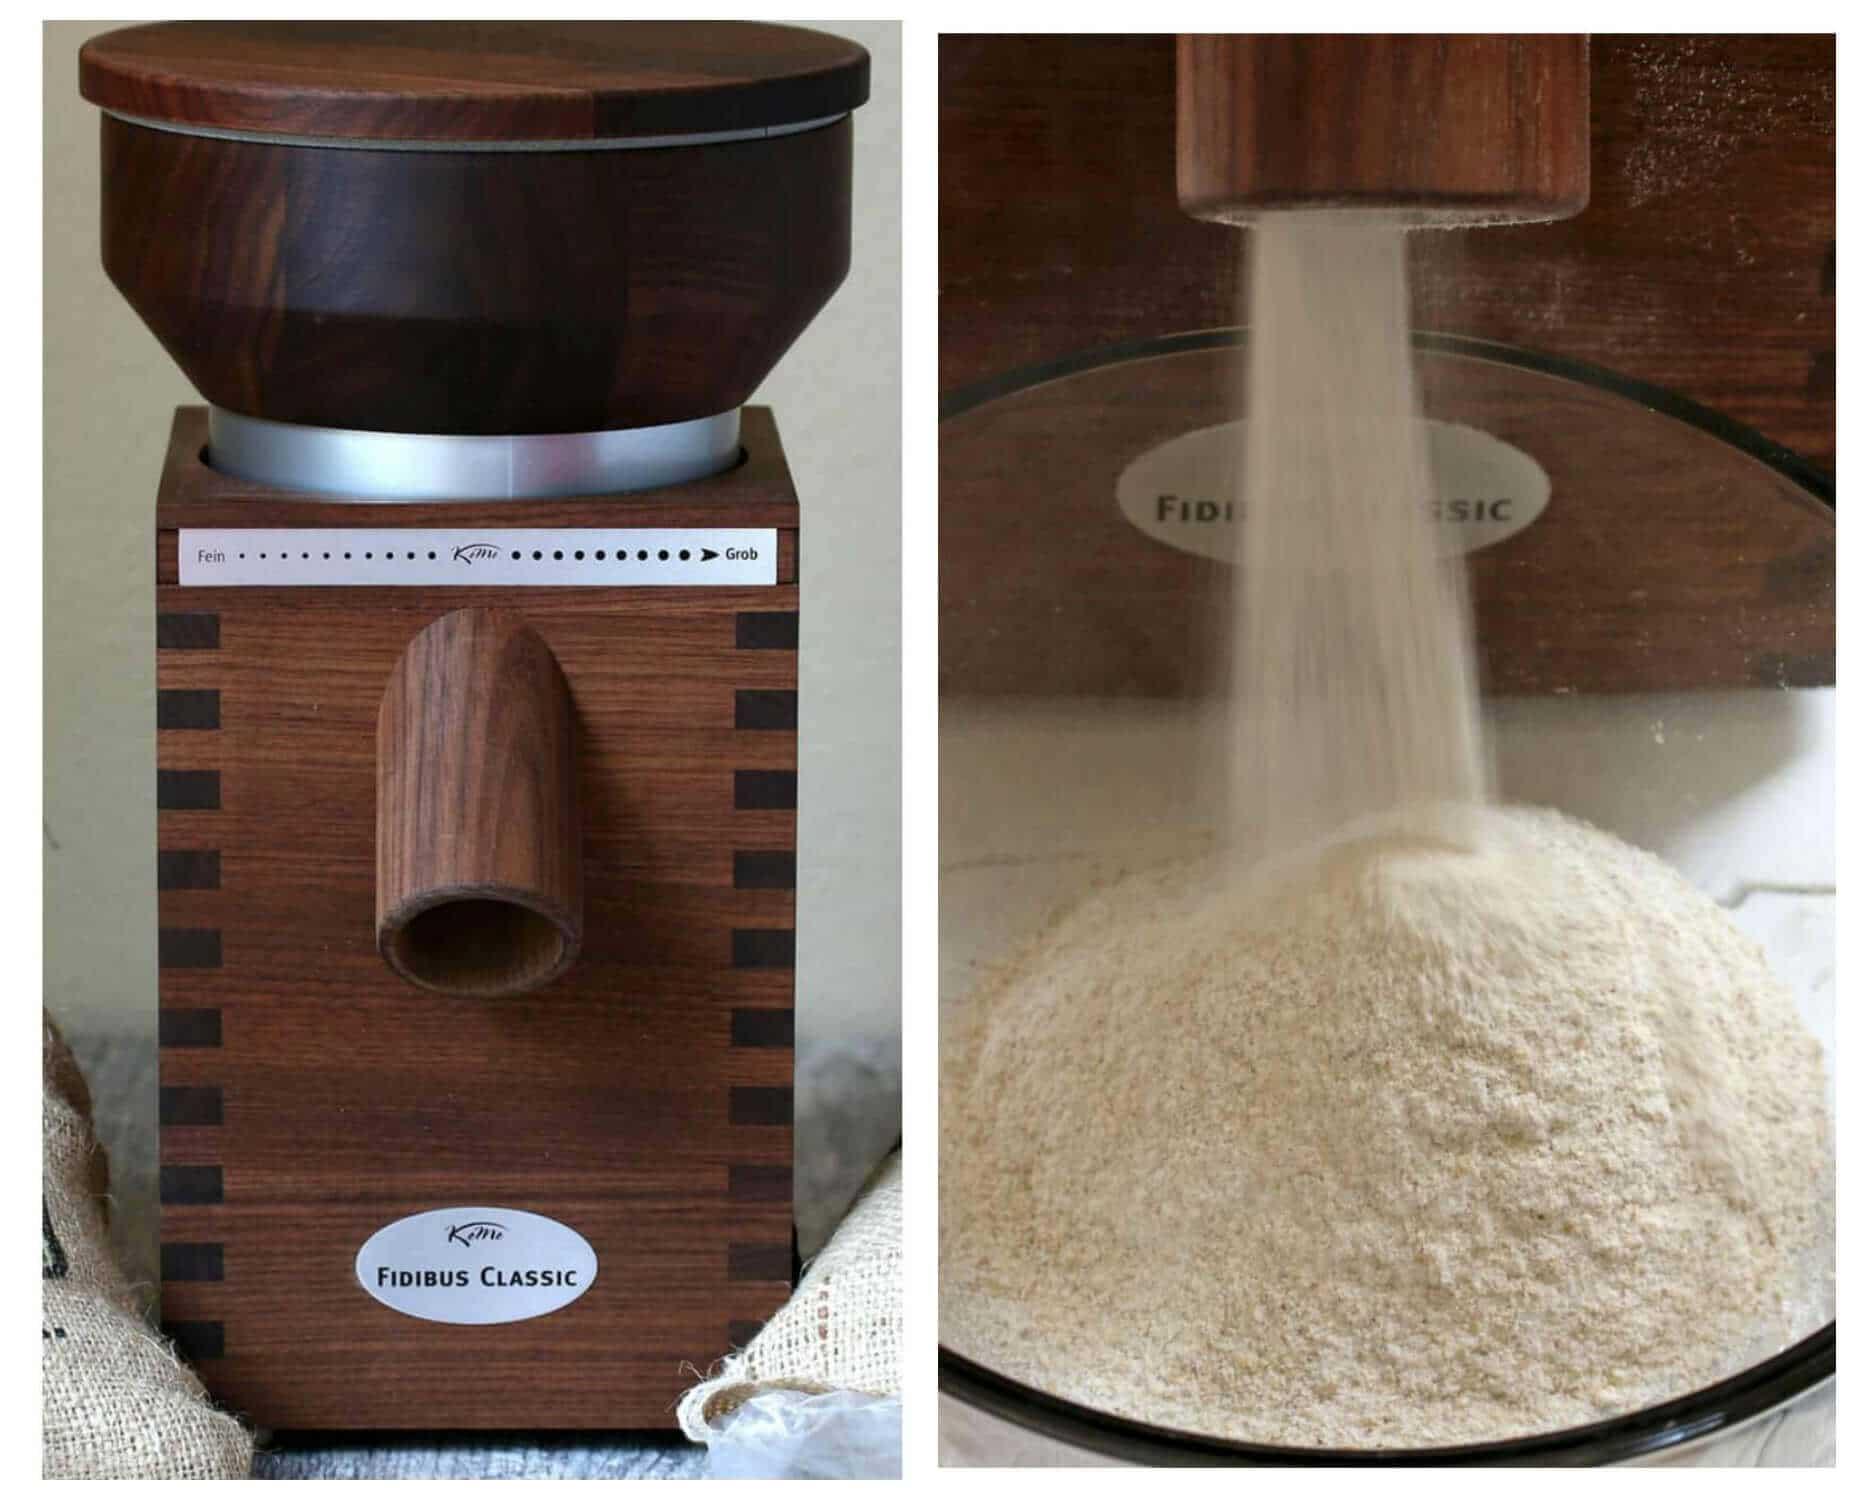 komo classic grain mill reviews